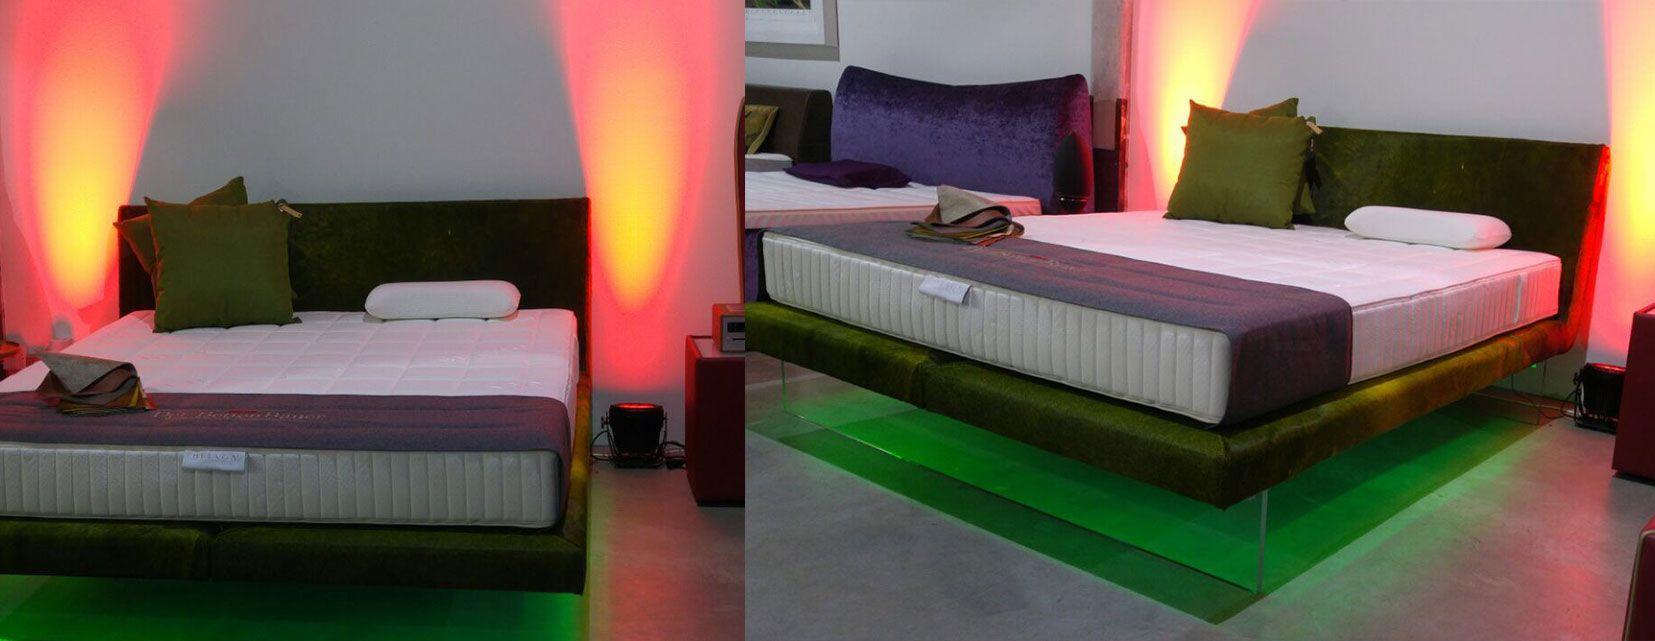 Full Size of Betten Düsseldorf Wasserbetten Boxspringbetten Schrnke Dsseldorf Schramm Günstig Kaufen Oschmann Bei Ikea Köln Test Bonprix Kinder Luxus Ruf Jensen Bett Betten Düsseldorf